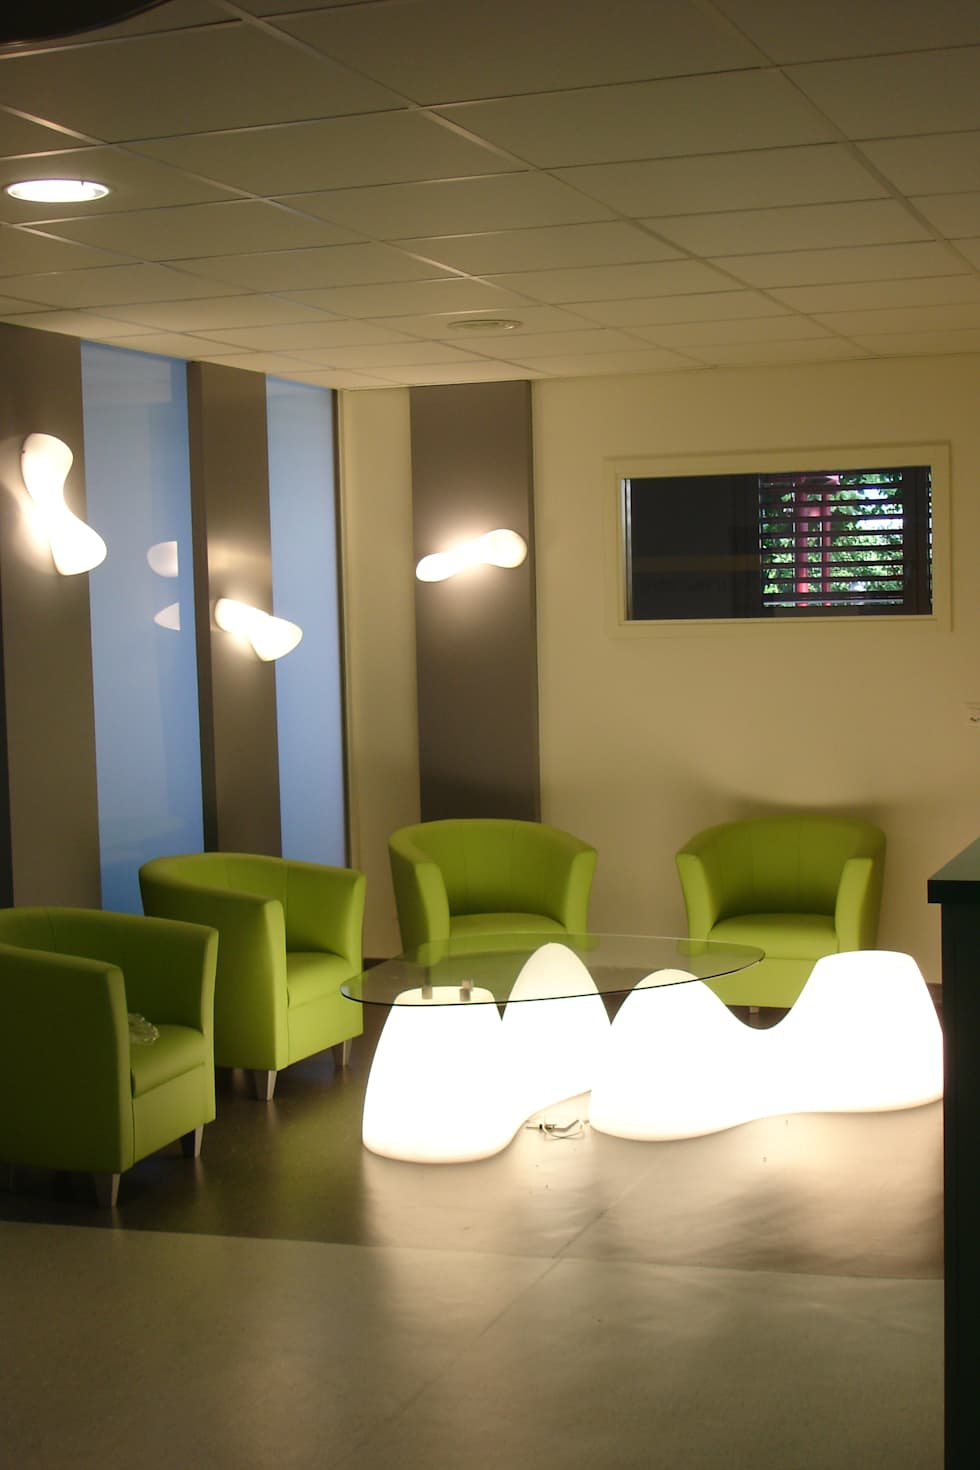 Salle d'attente  du CCAC de Fribourg: Cliniques de style  par LCDS